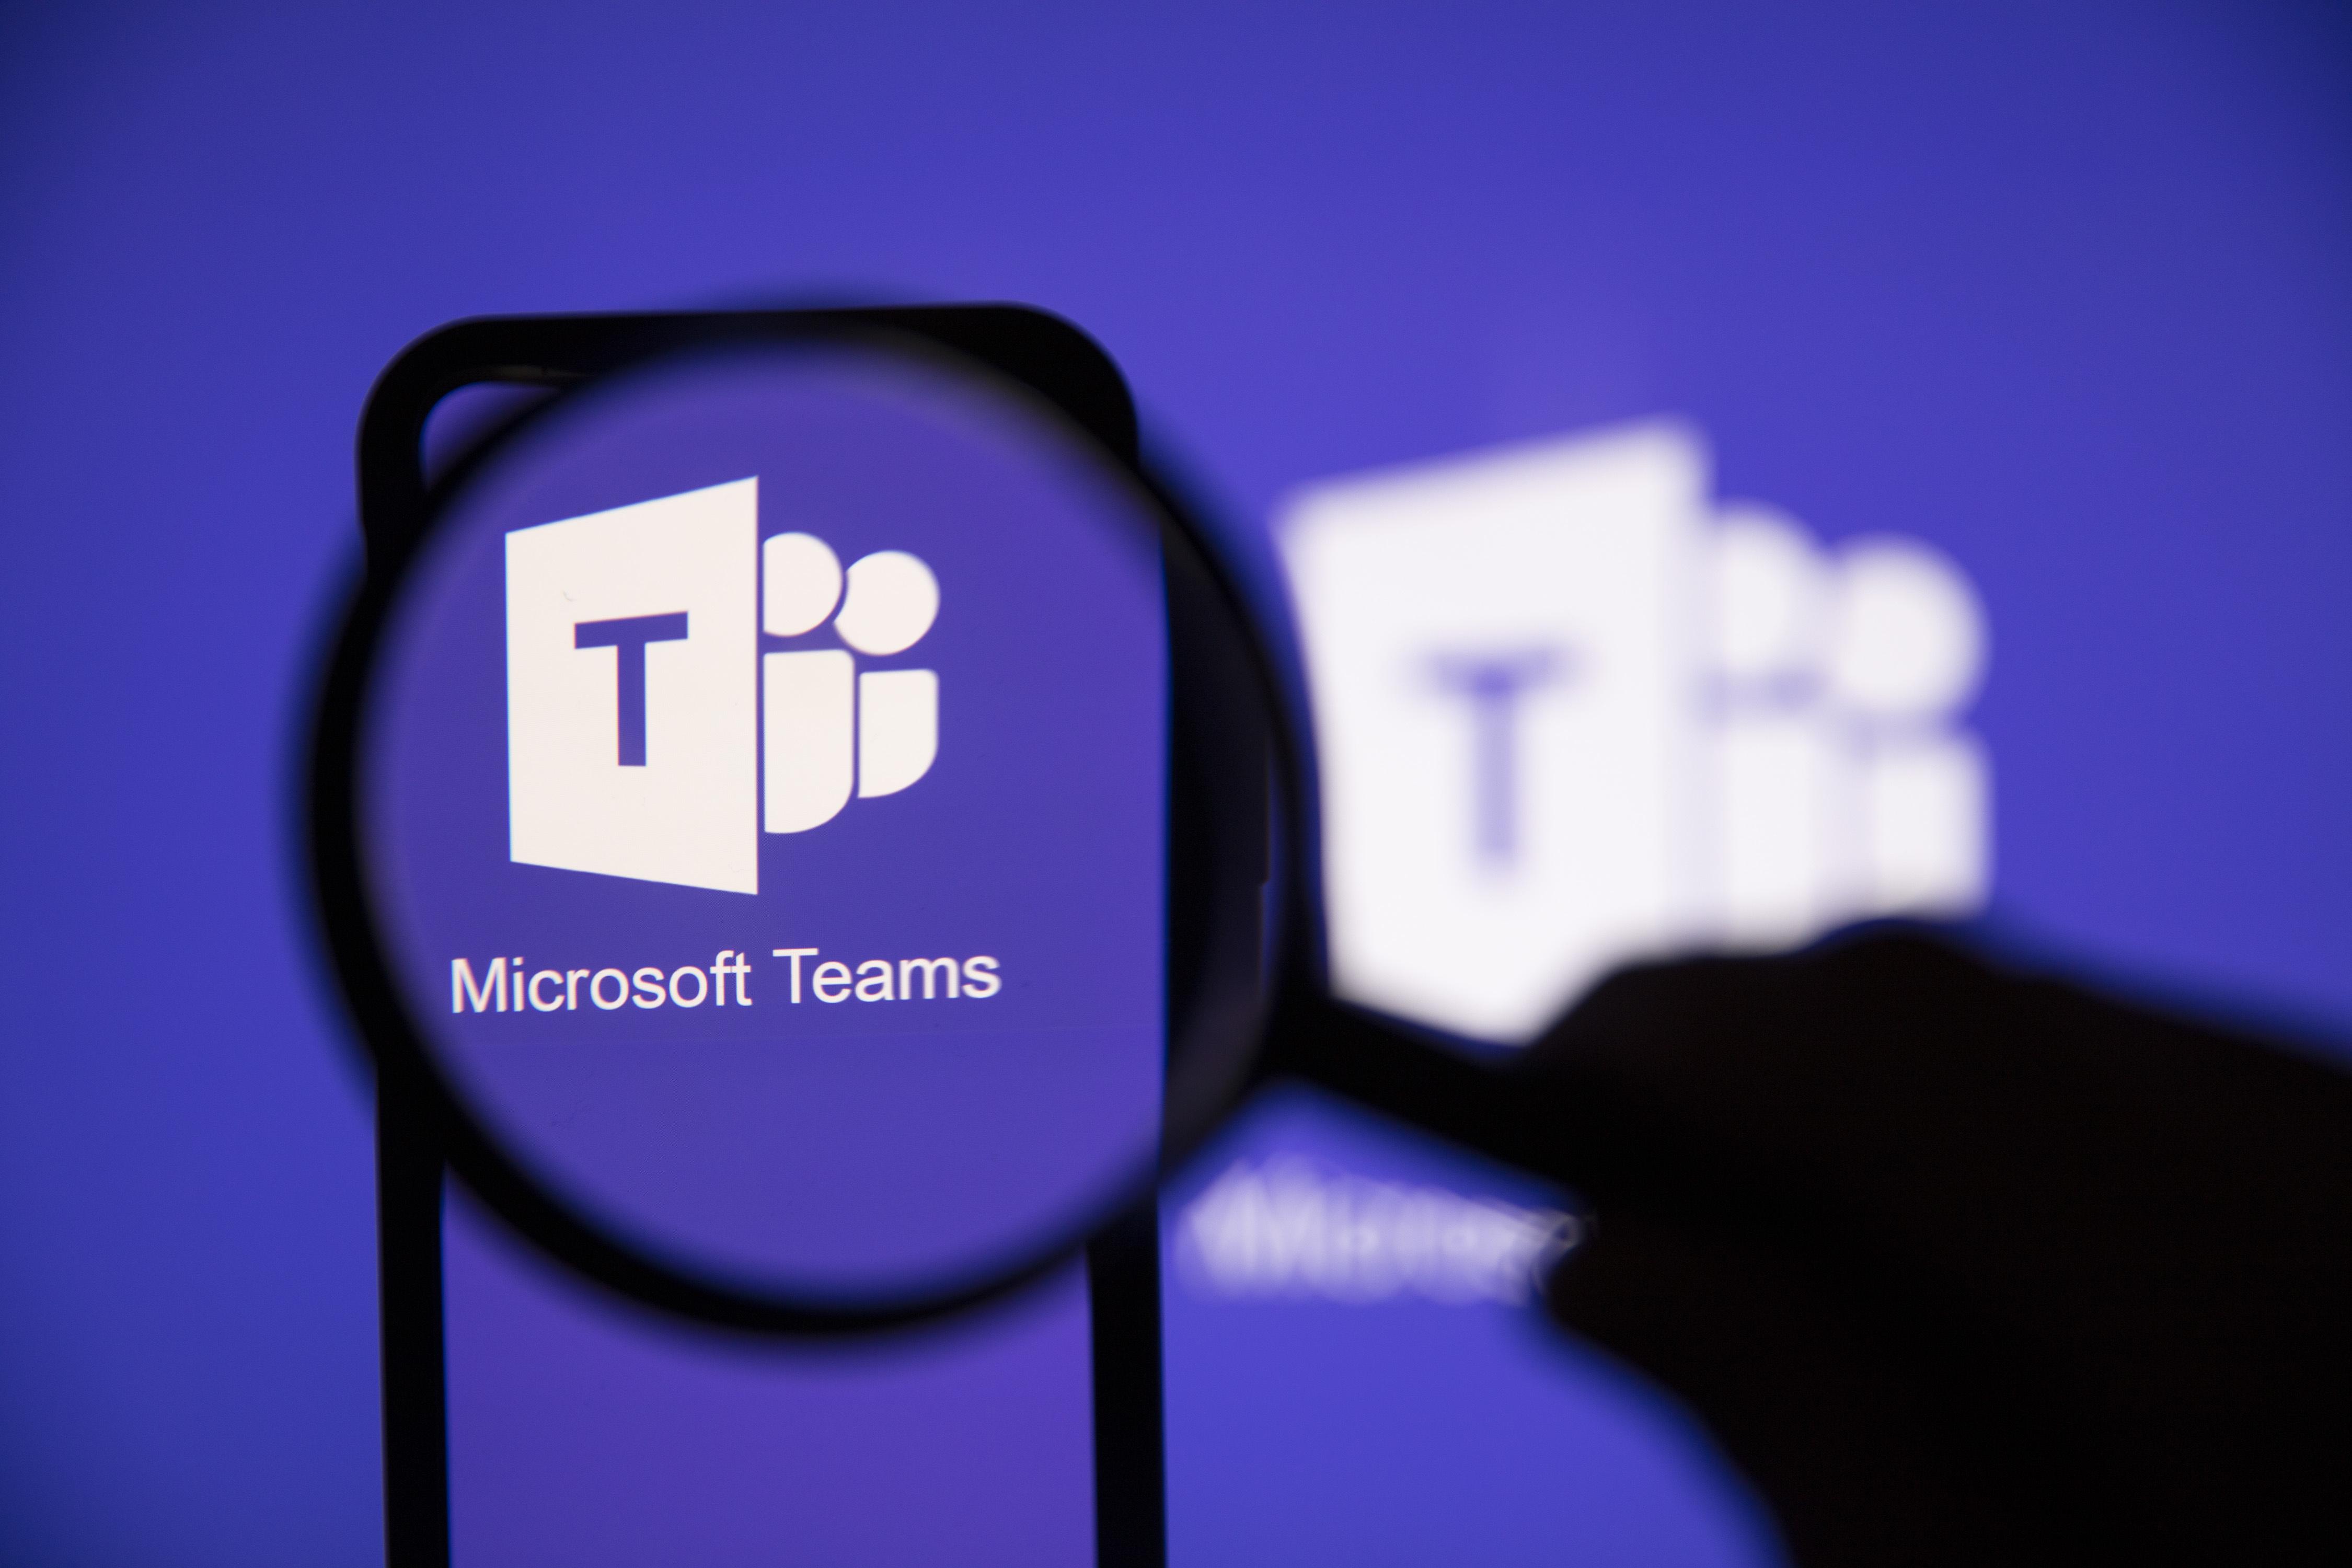 初心者でも分かる「Microsoft Teams」の基本〜超便利なビジネスコミュニケーションツールの機能と使い方